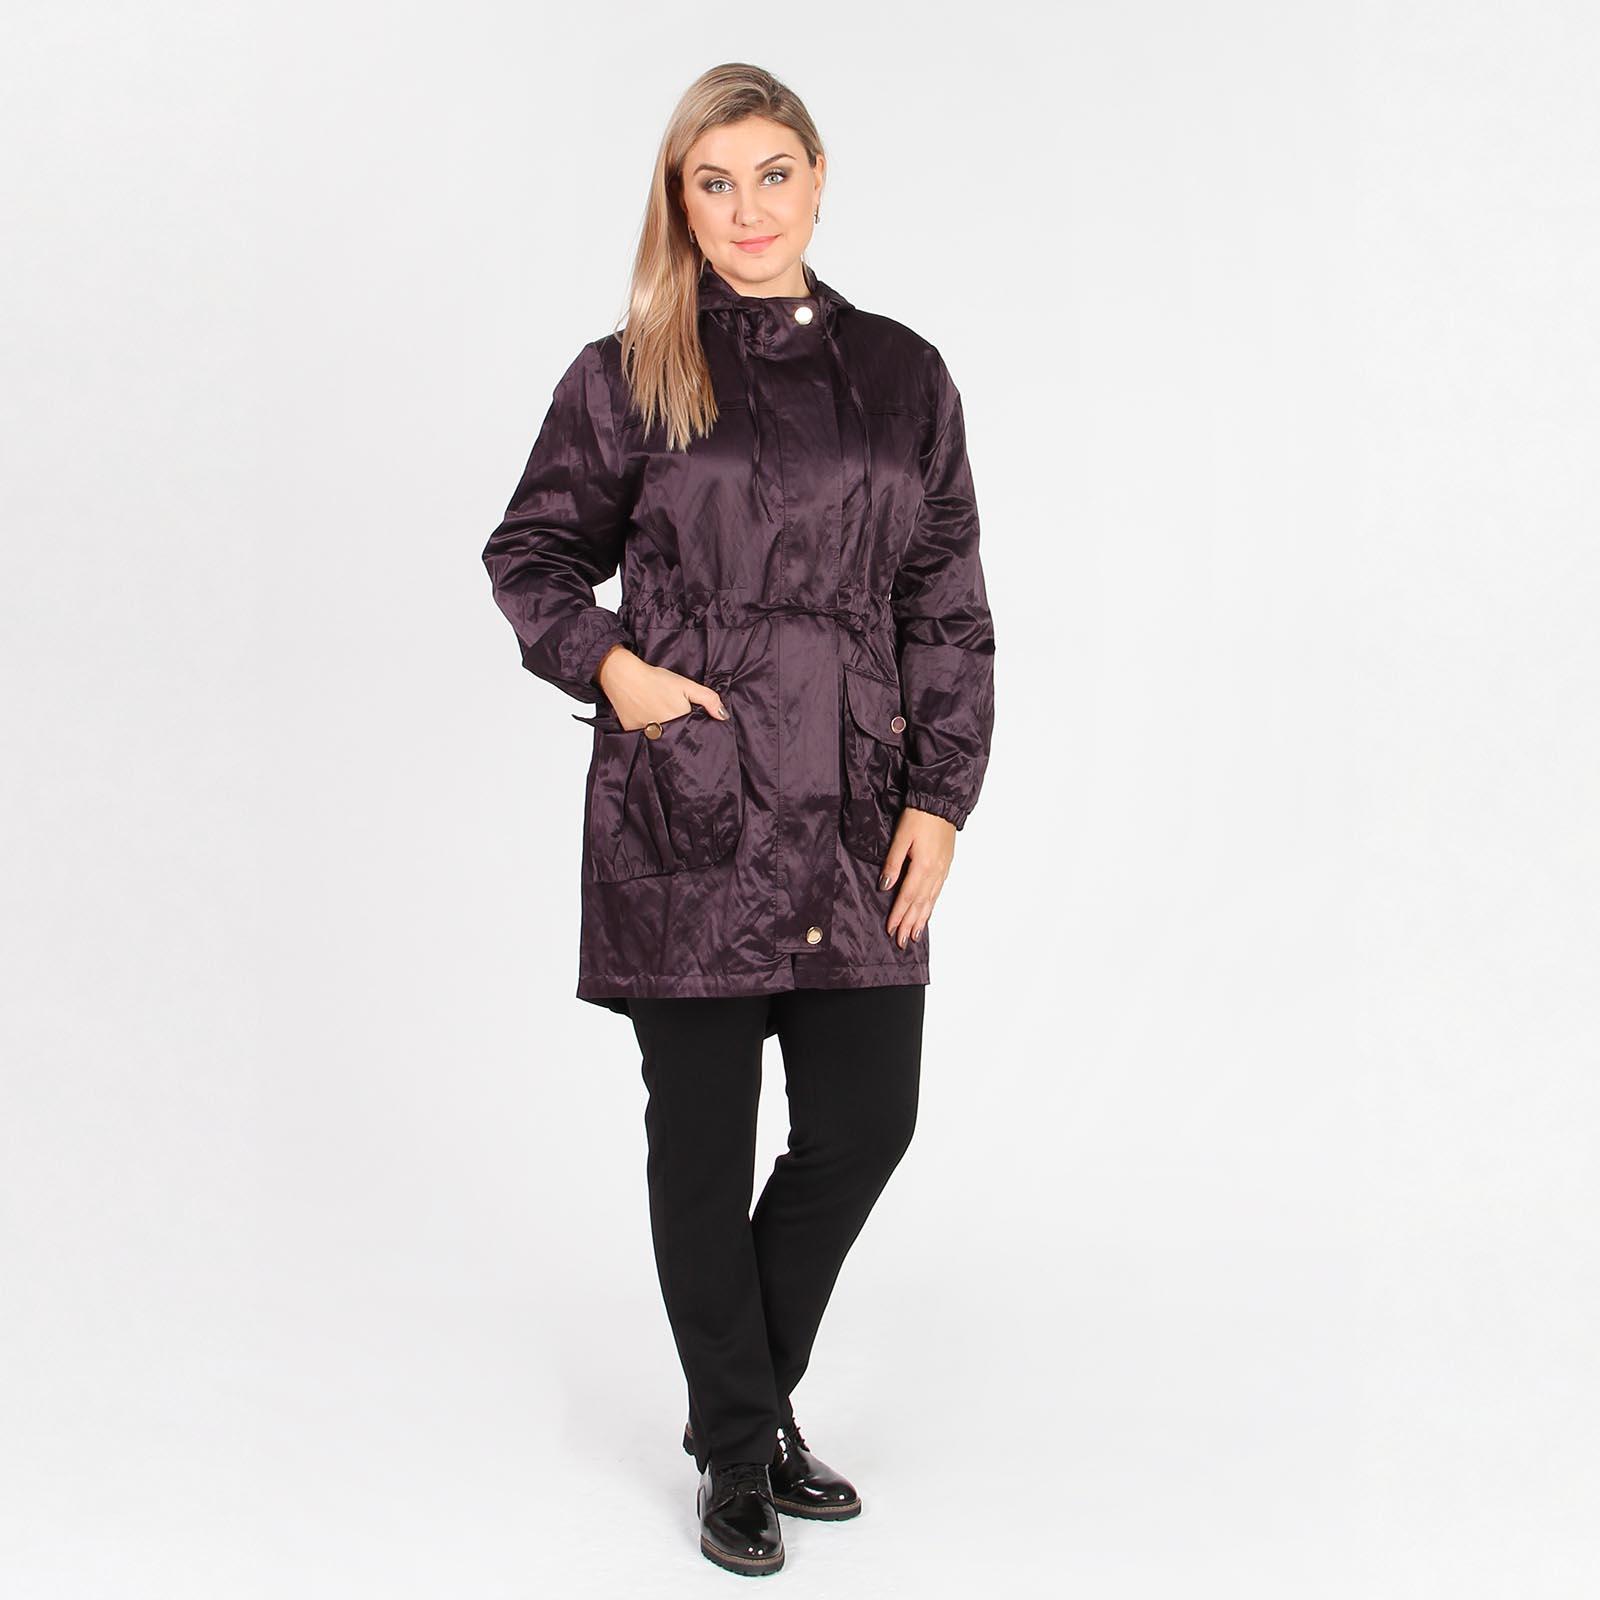 Куртка с карманами и кулиской на талии